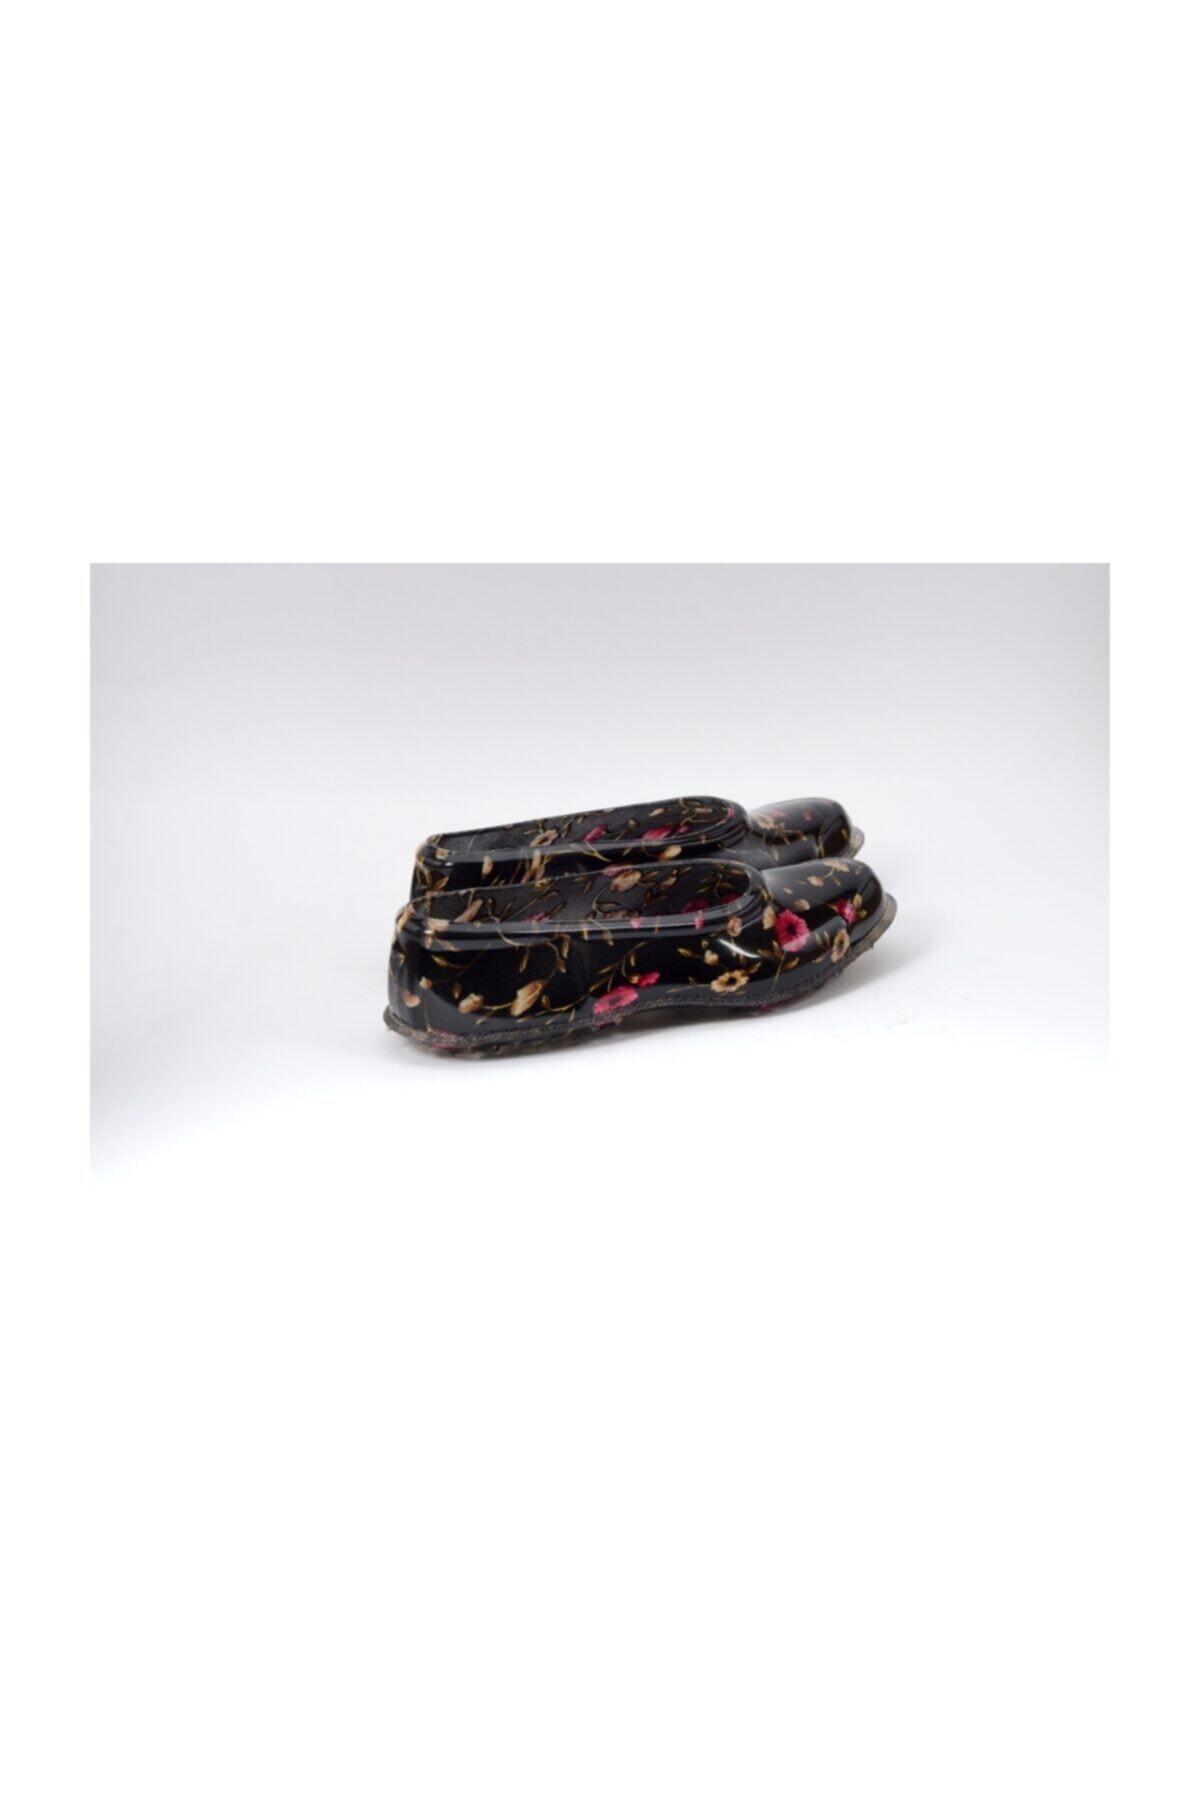 ARISAN Çiçekli Lastik Ayakkabı 2